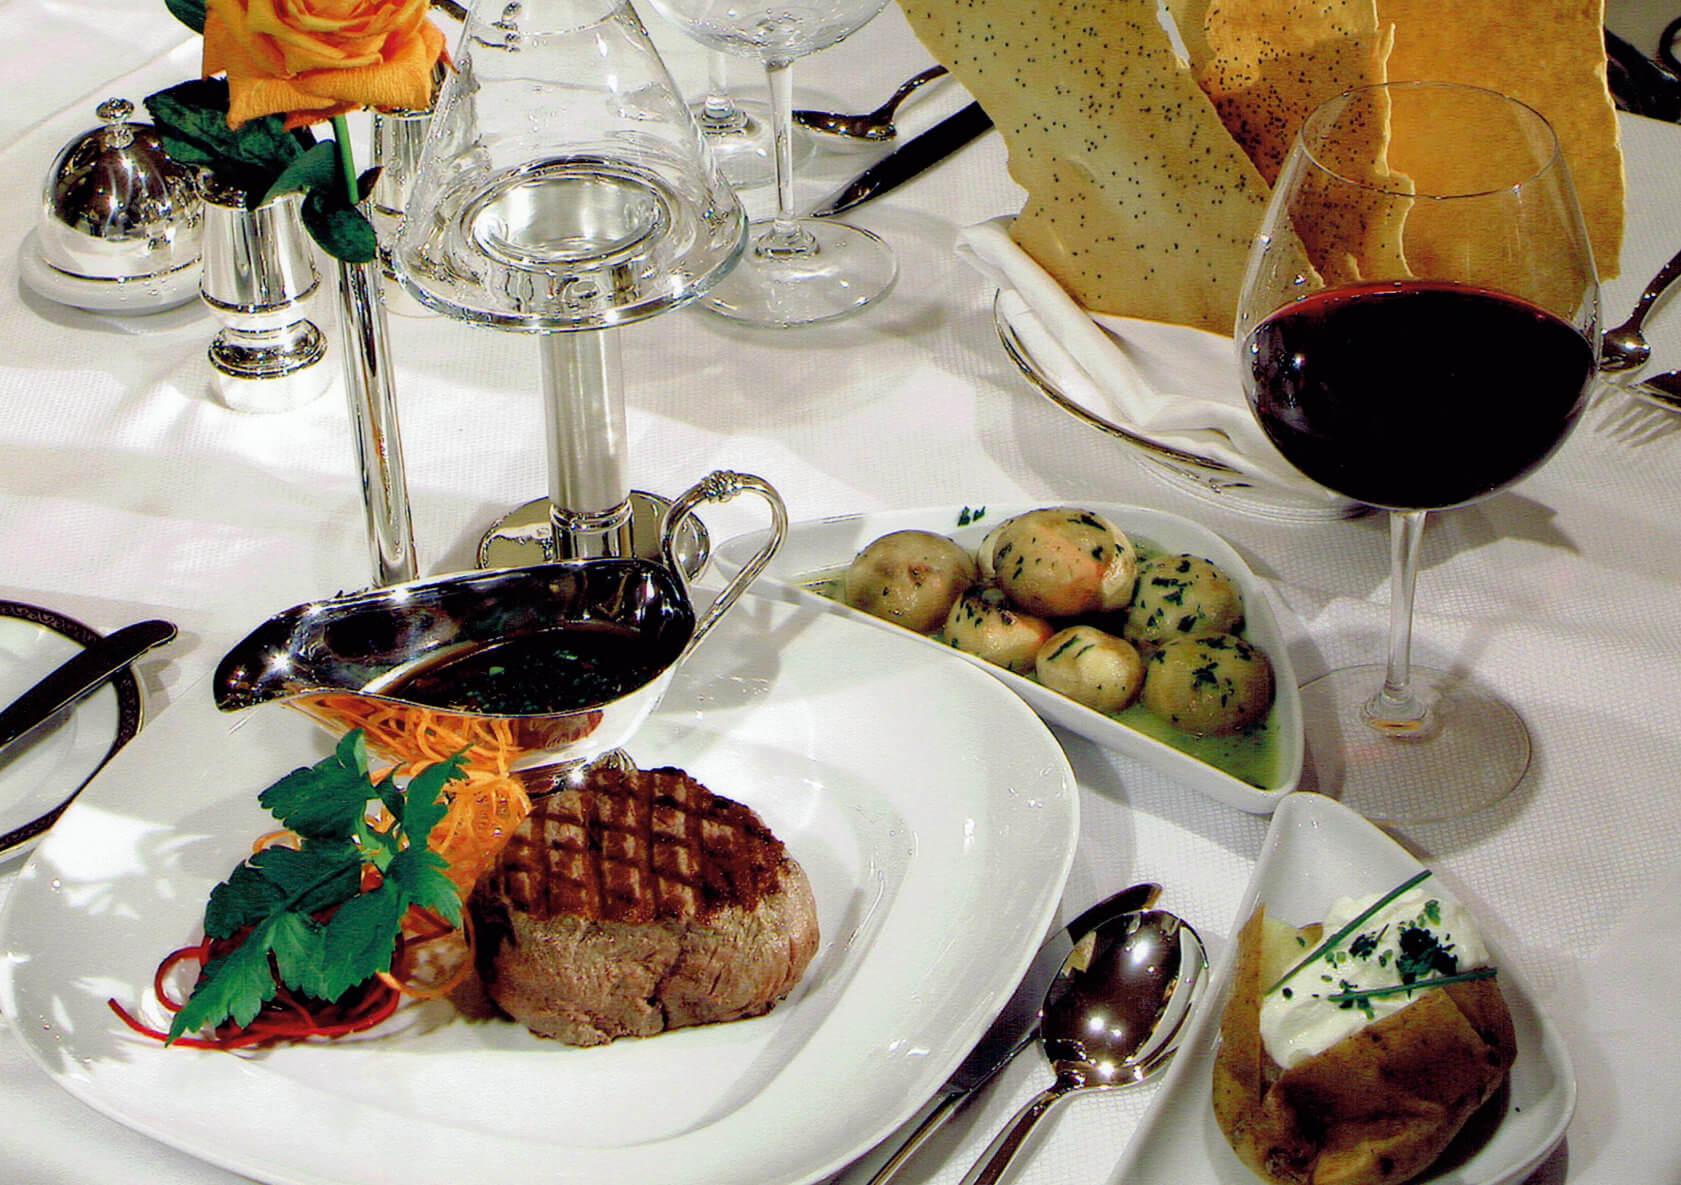 pg-food-2003.jpg